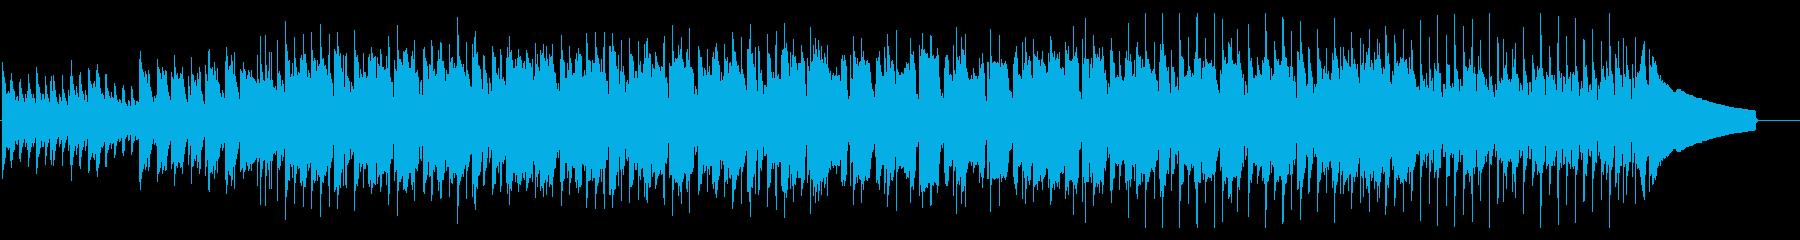 お散歩するような動画向けわくわくポップスの再生済みの波形